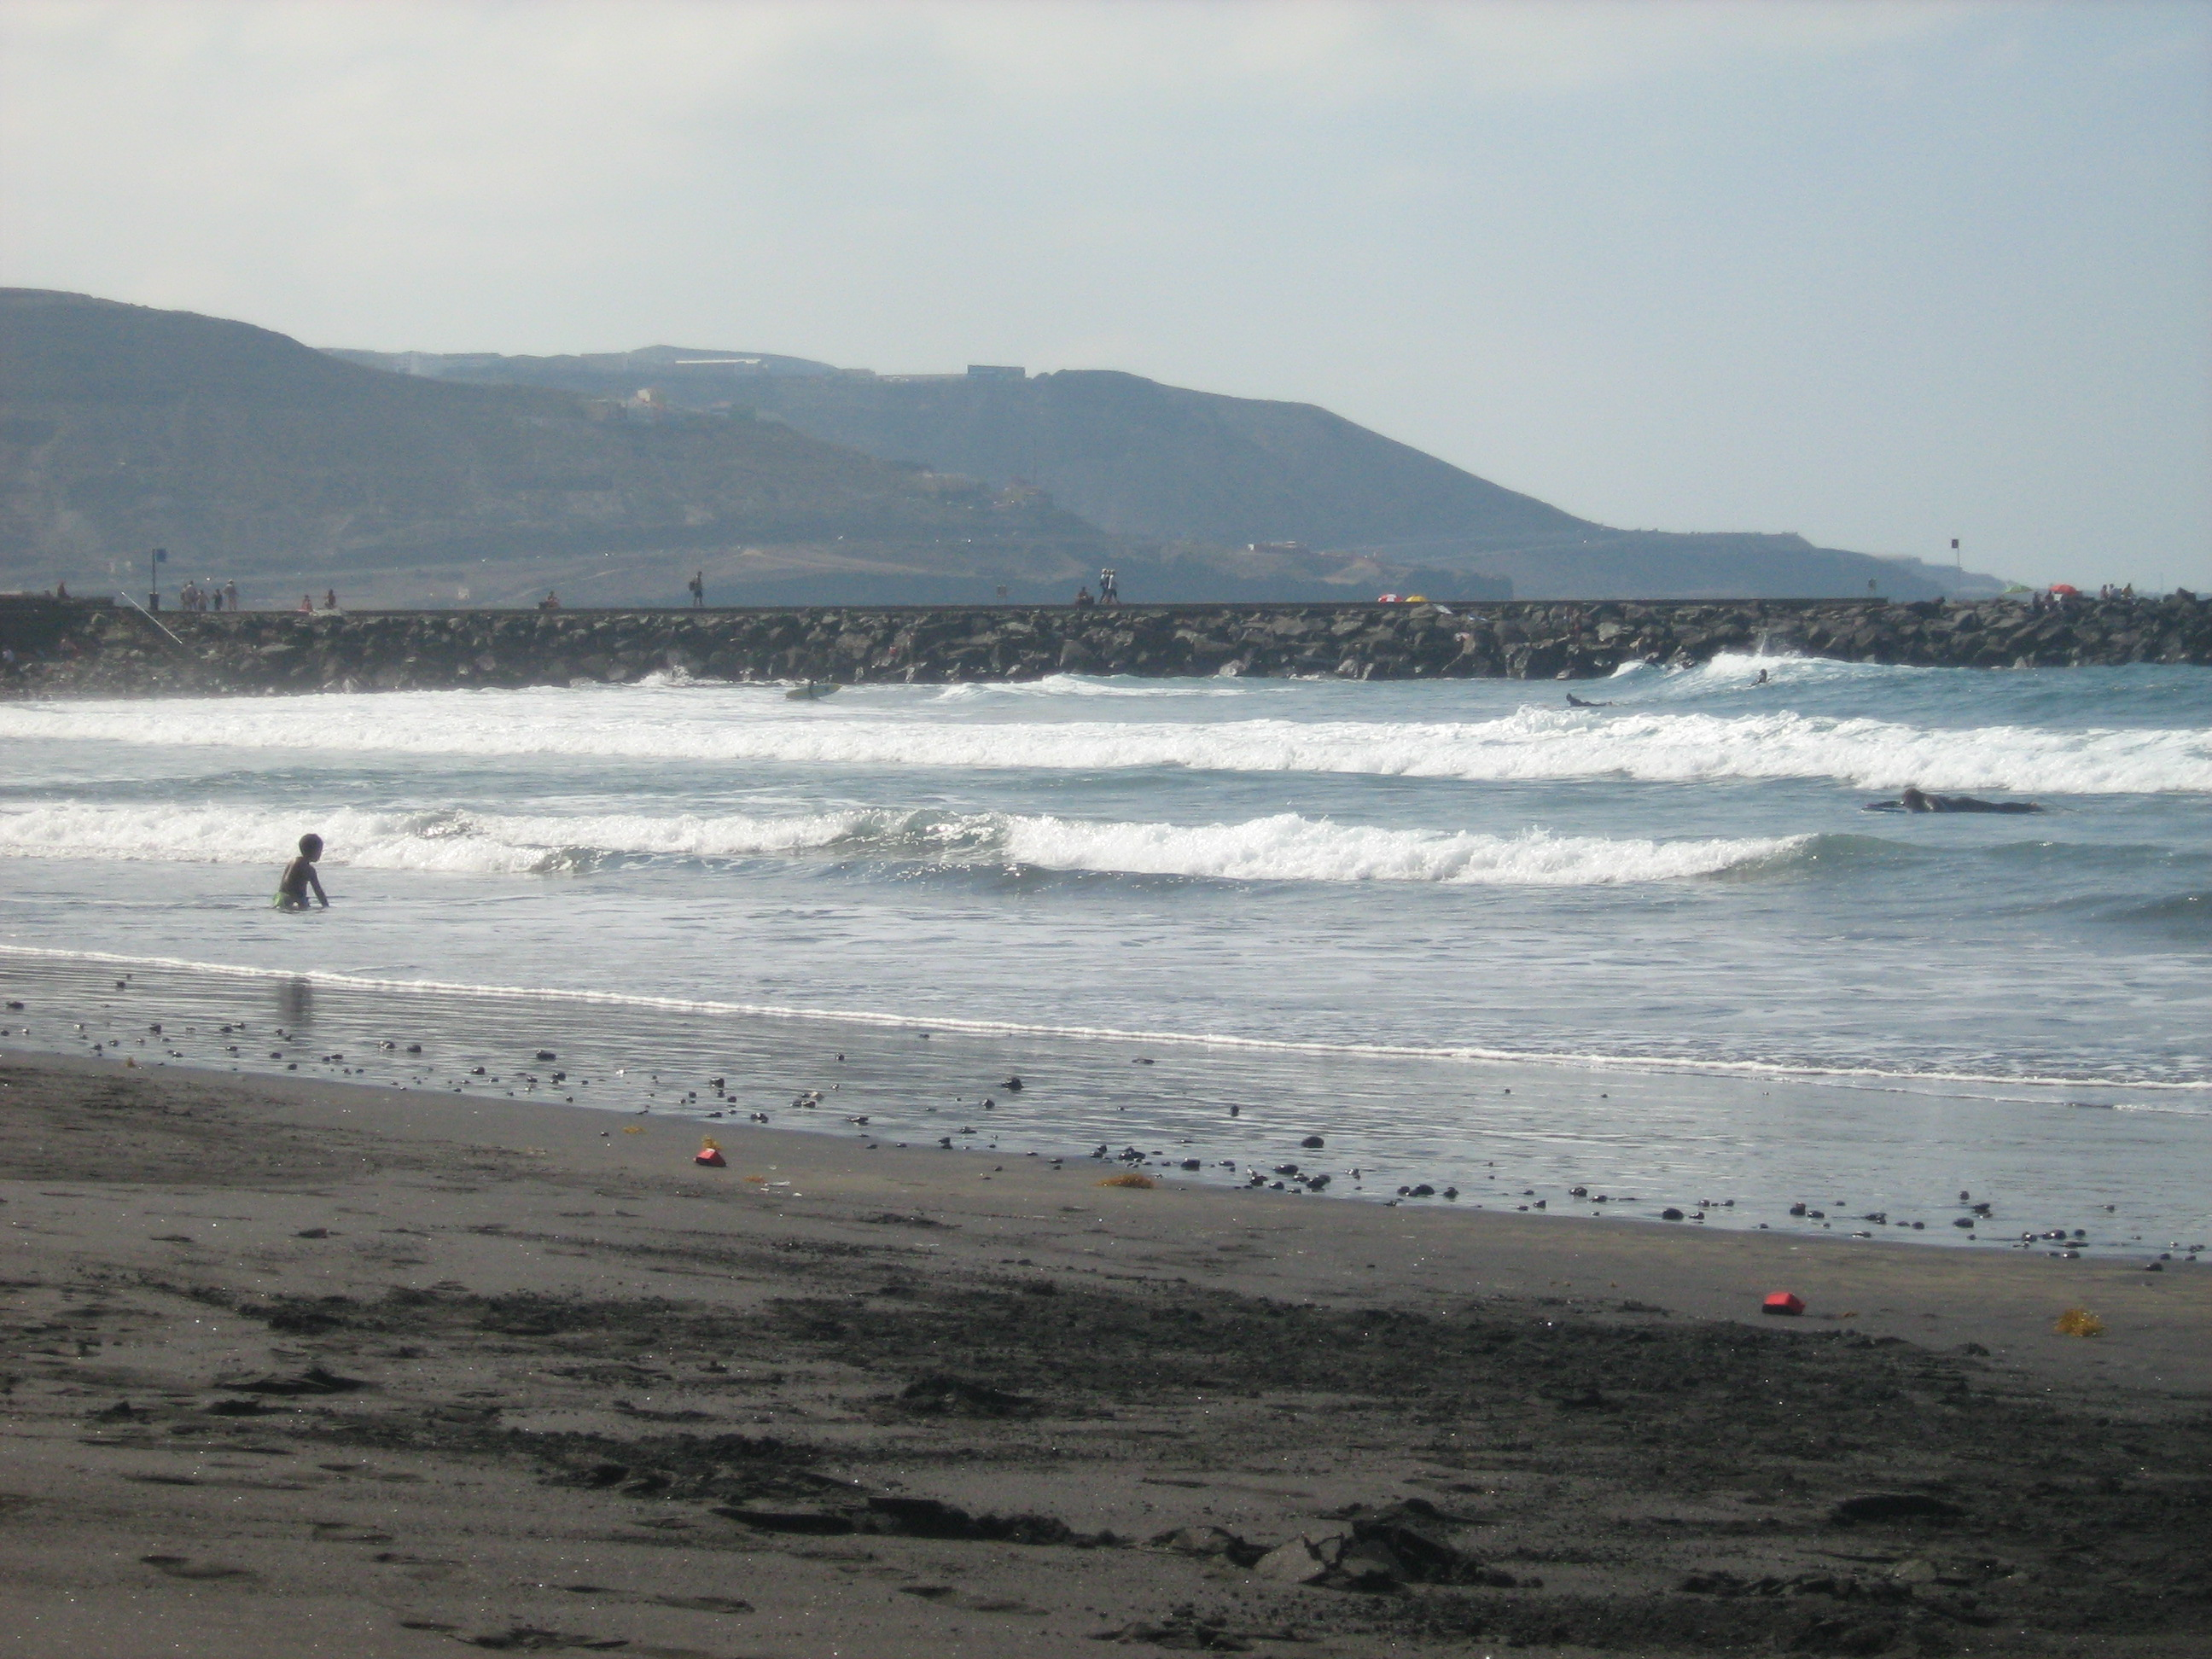 Surfing in Las Palmas, Gran Canaria